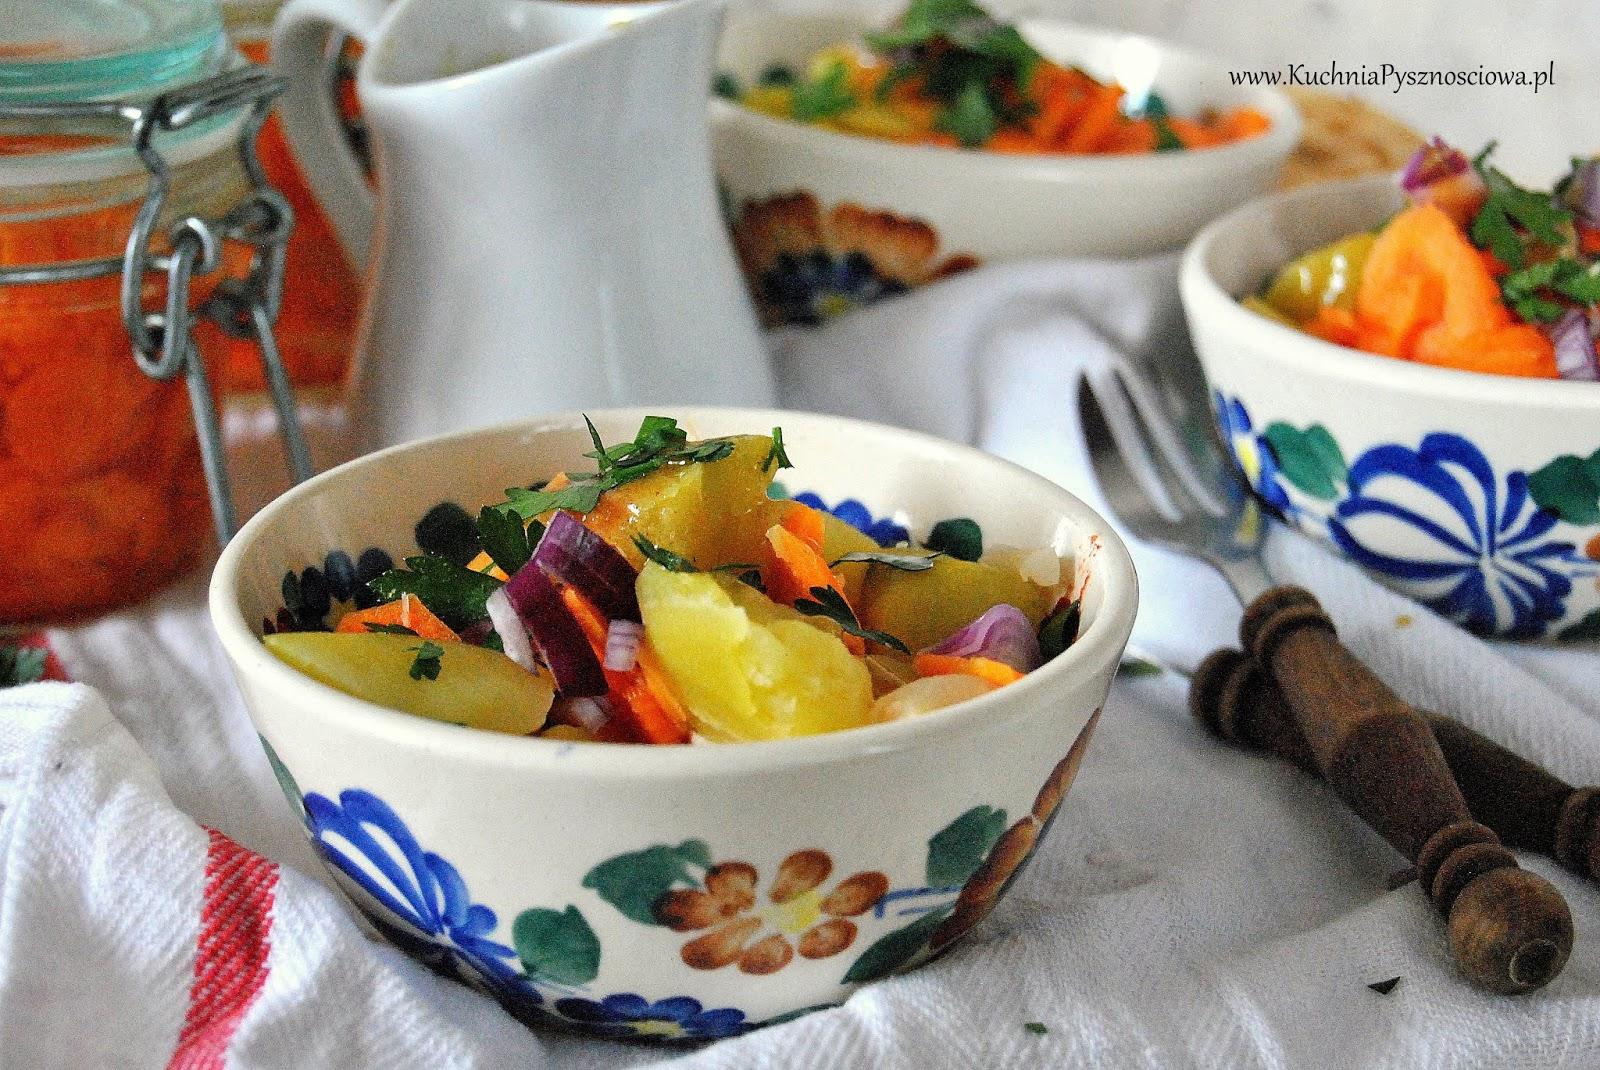 653. Jesienna sałatka ziemniaczana z kiszoną marchewką